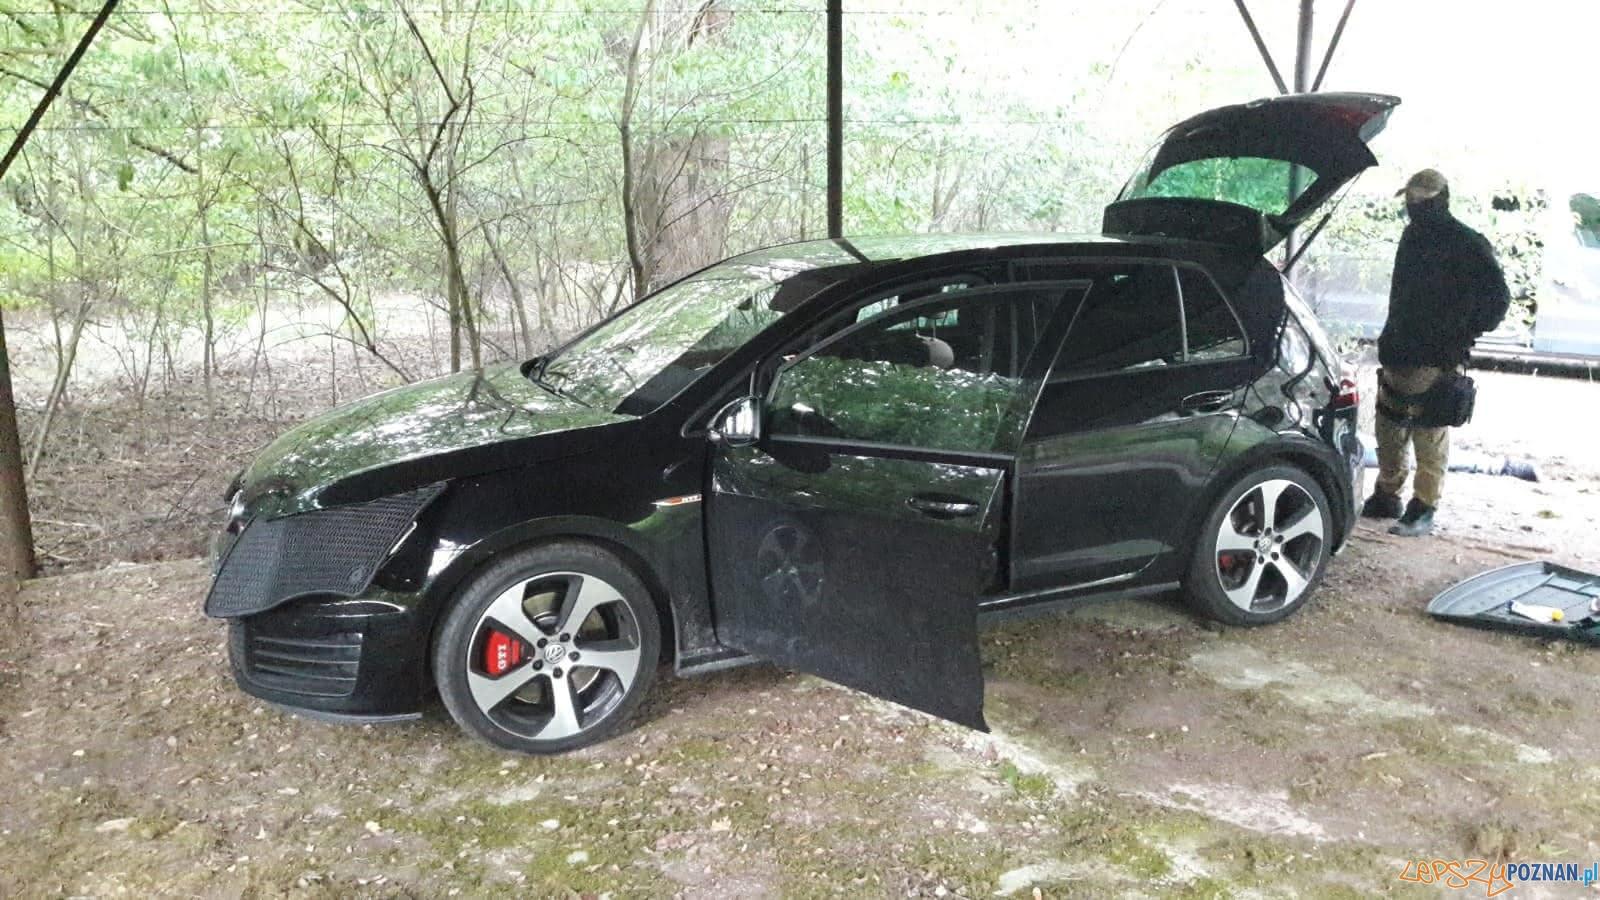 Policjanci odzyskali skradziony samochód  Foto: KMP Poznań